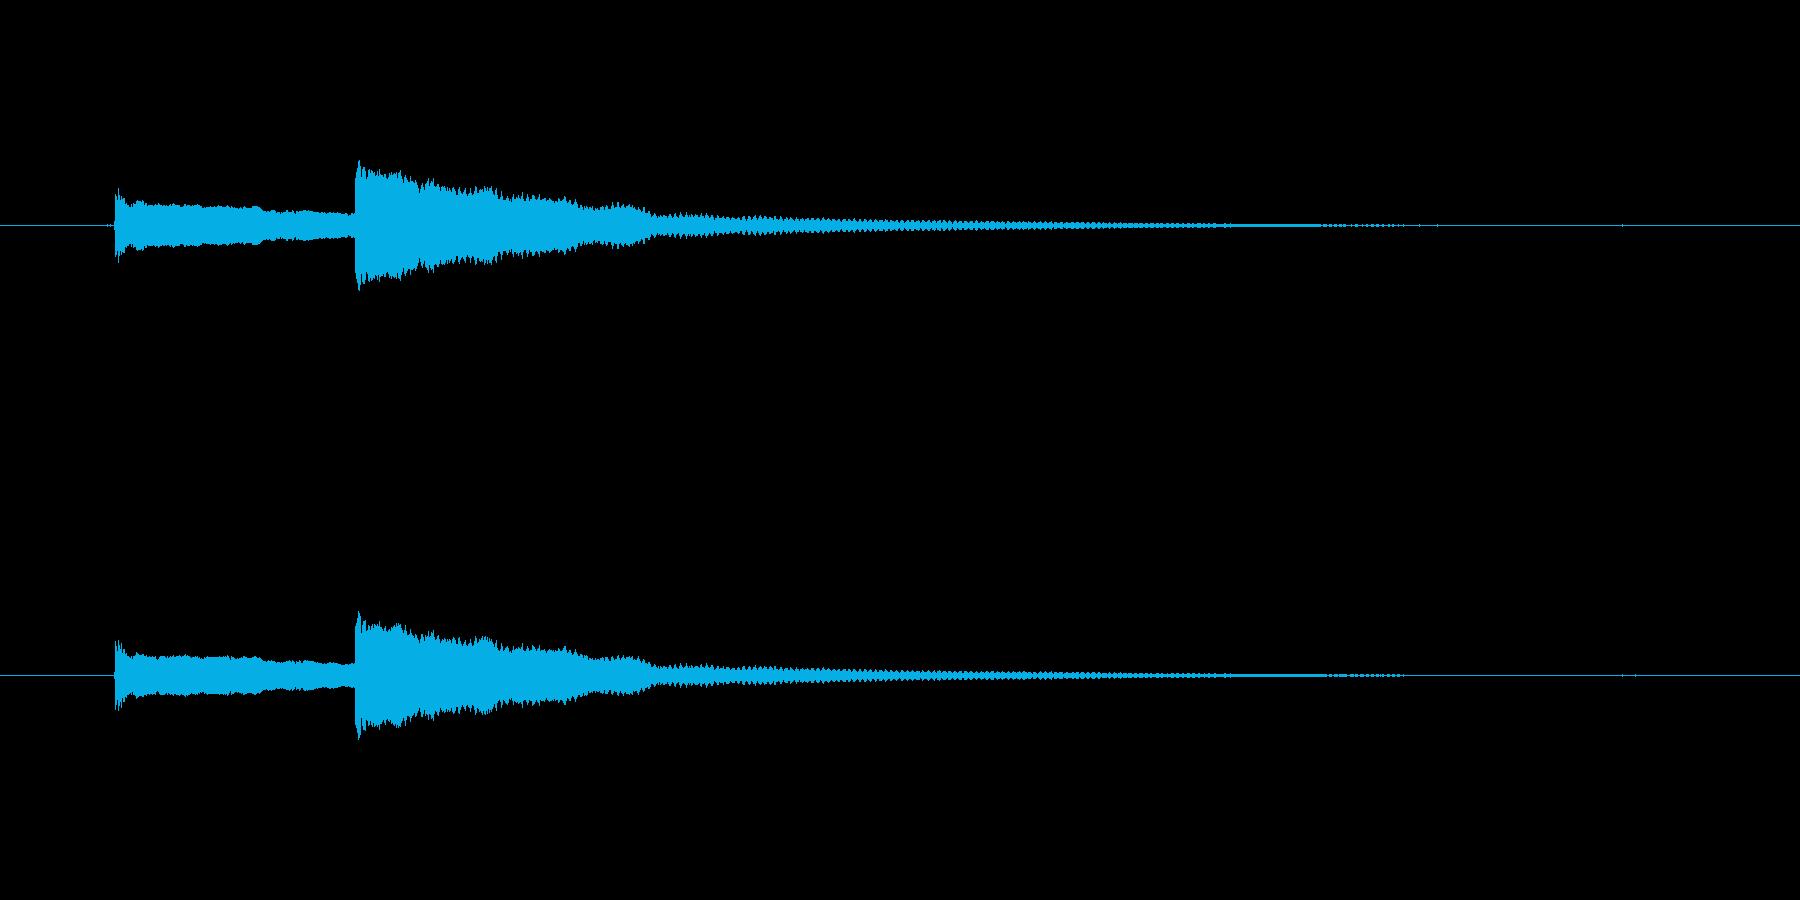 呼び出し音の再生済みの波形